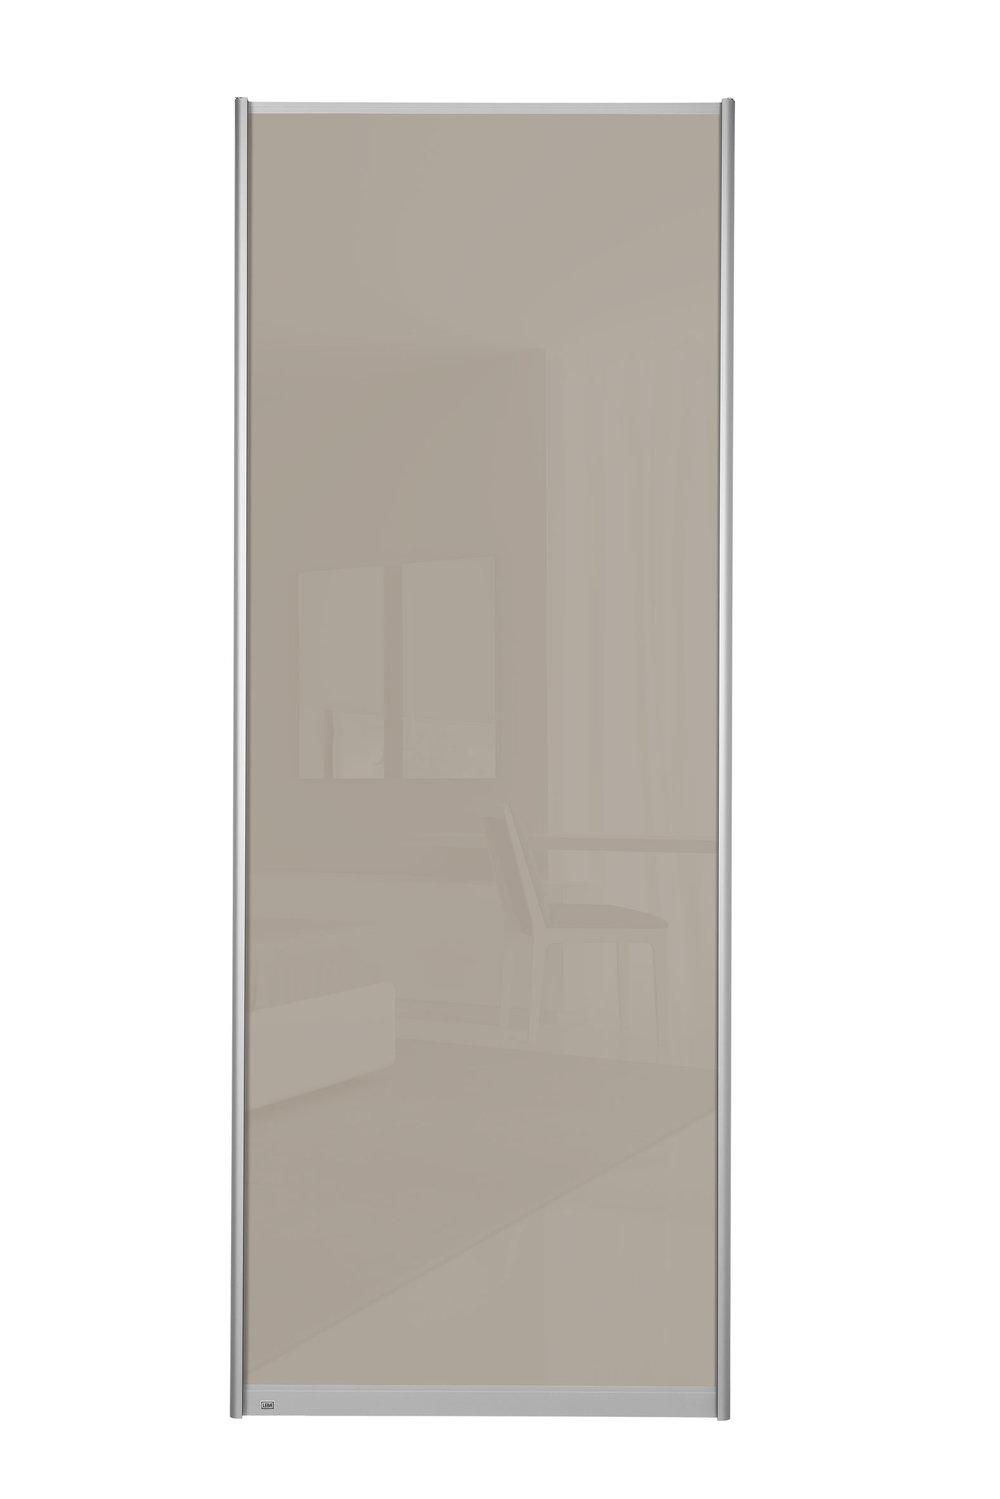 F7117 - Tundra grå